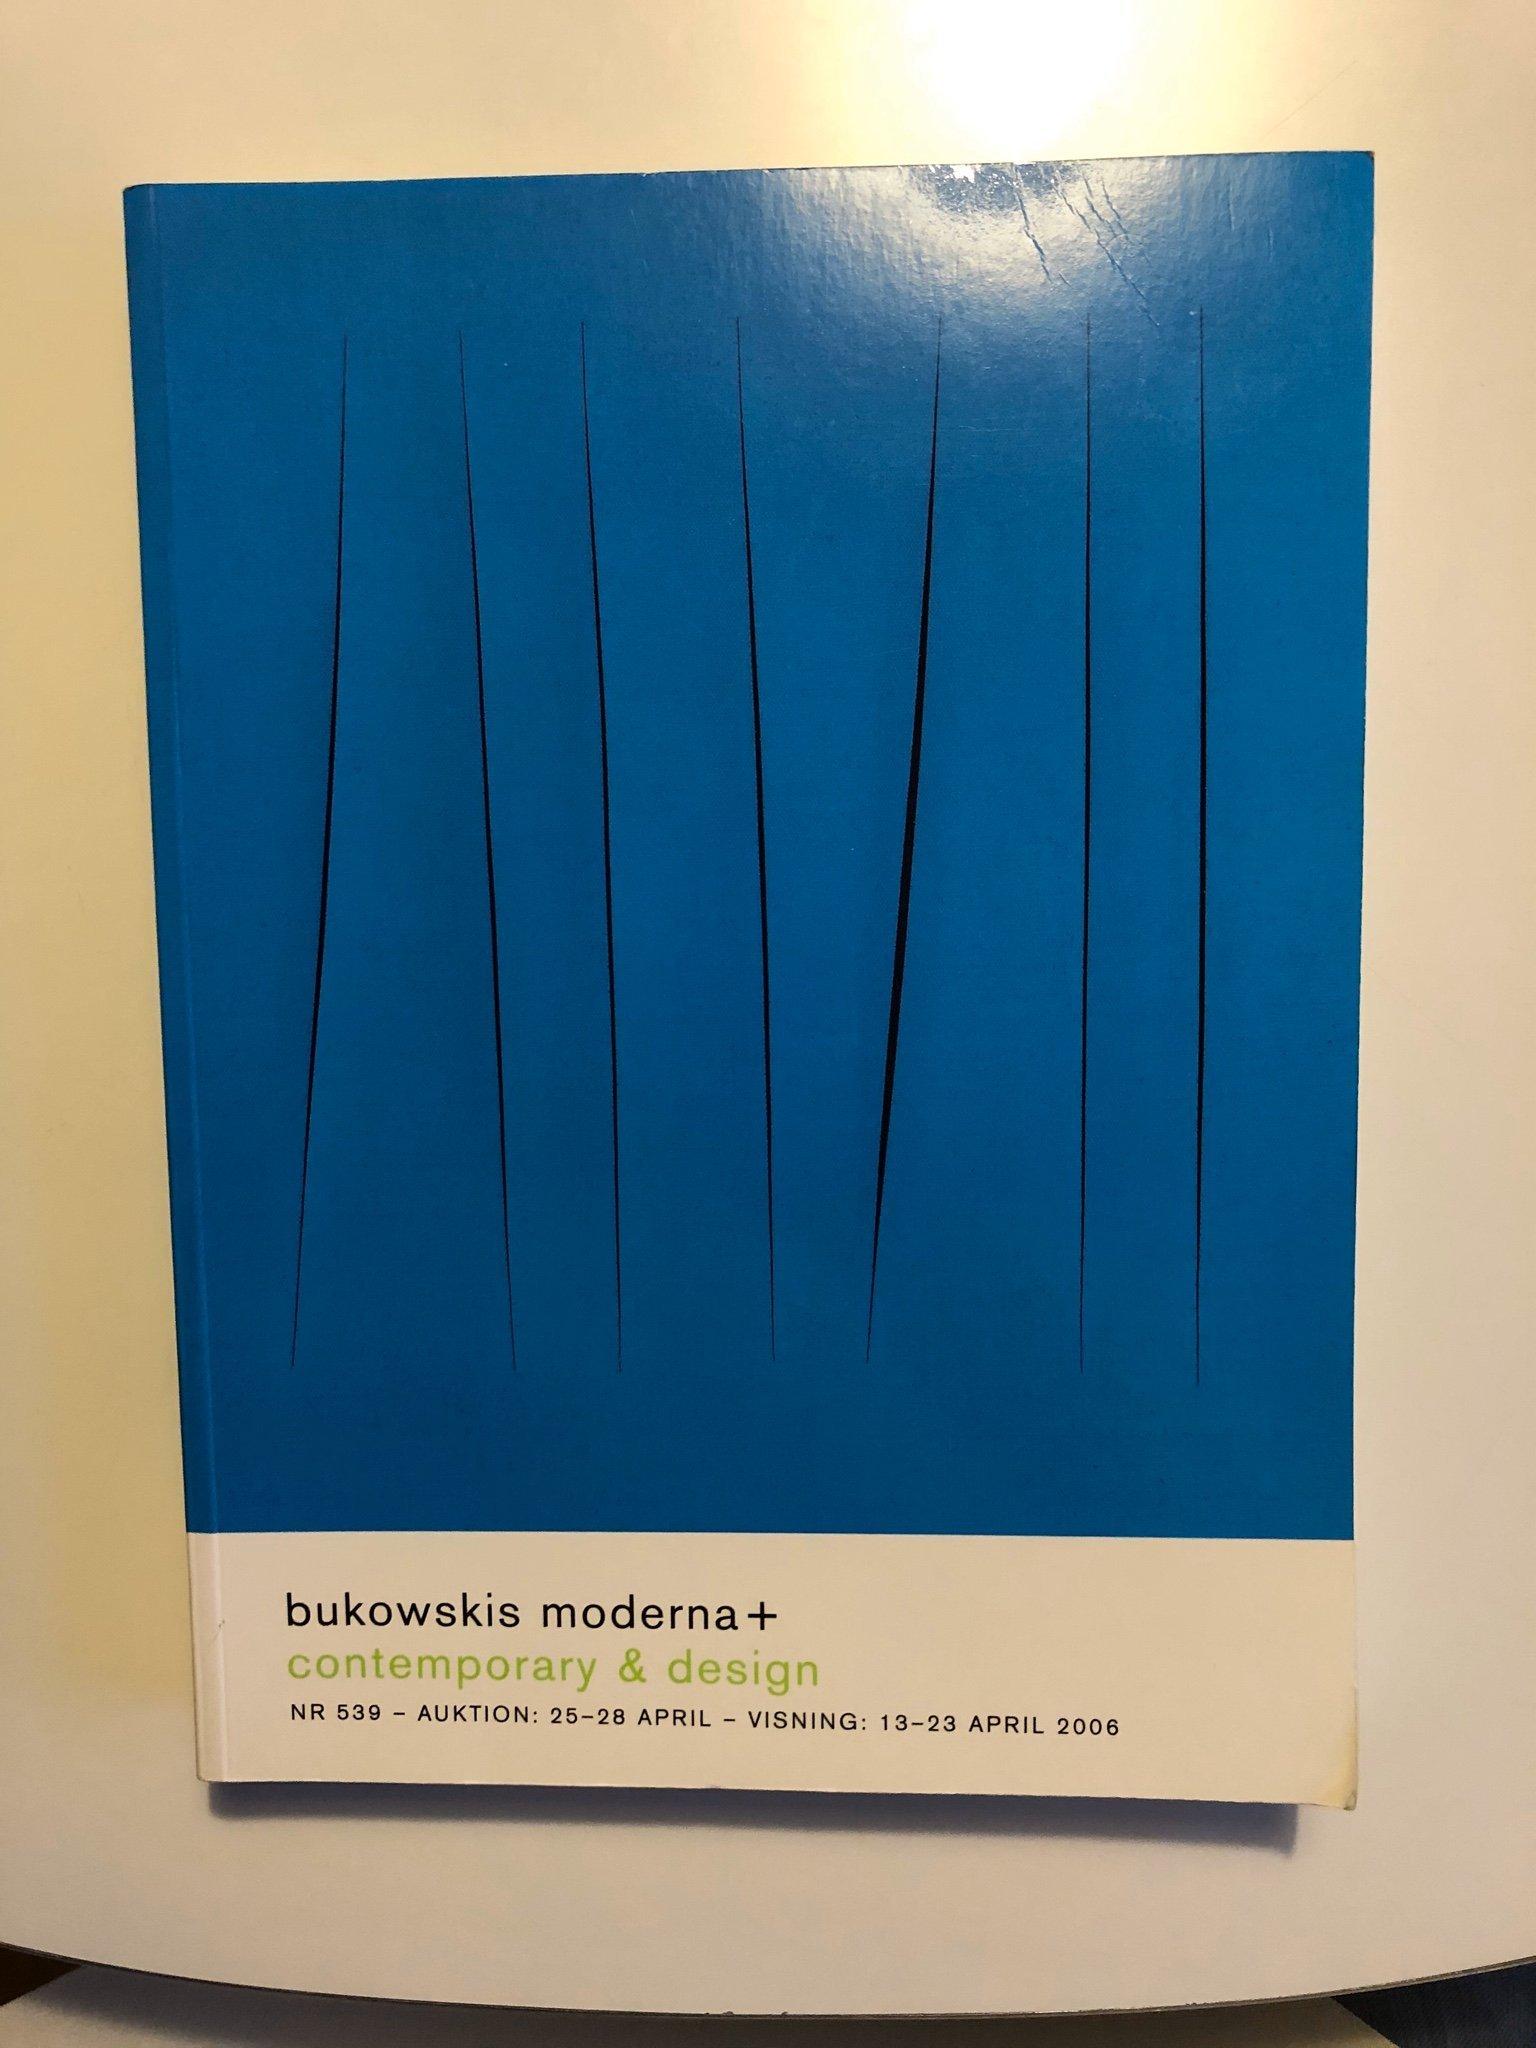 Katalog Bukowskis moderna auktion nr 539 vår 2006